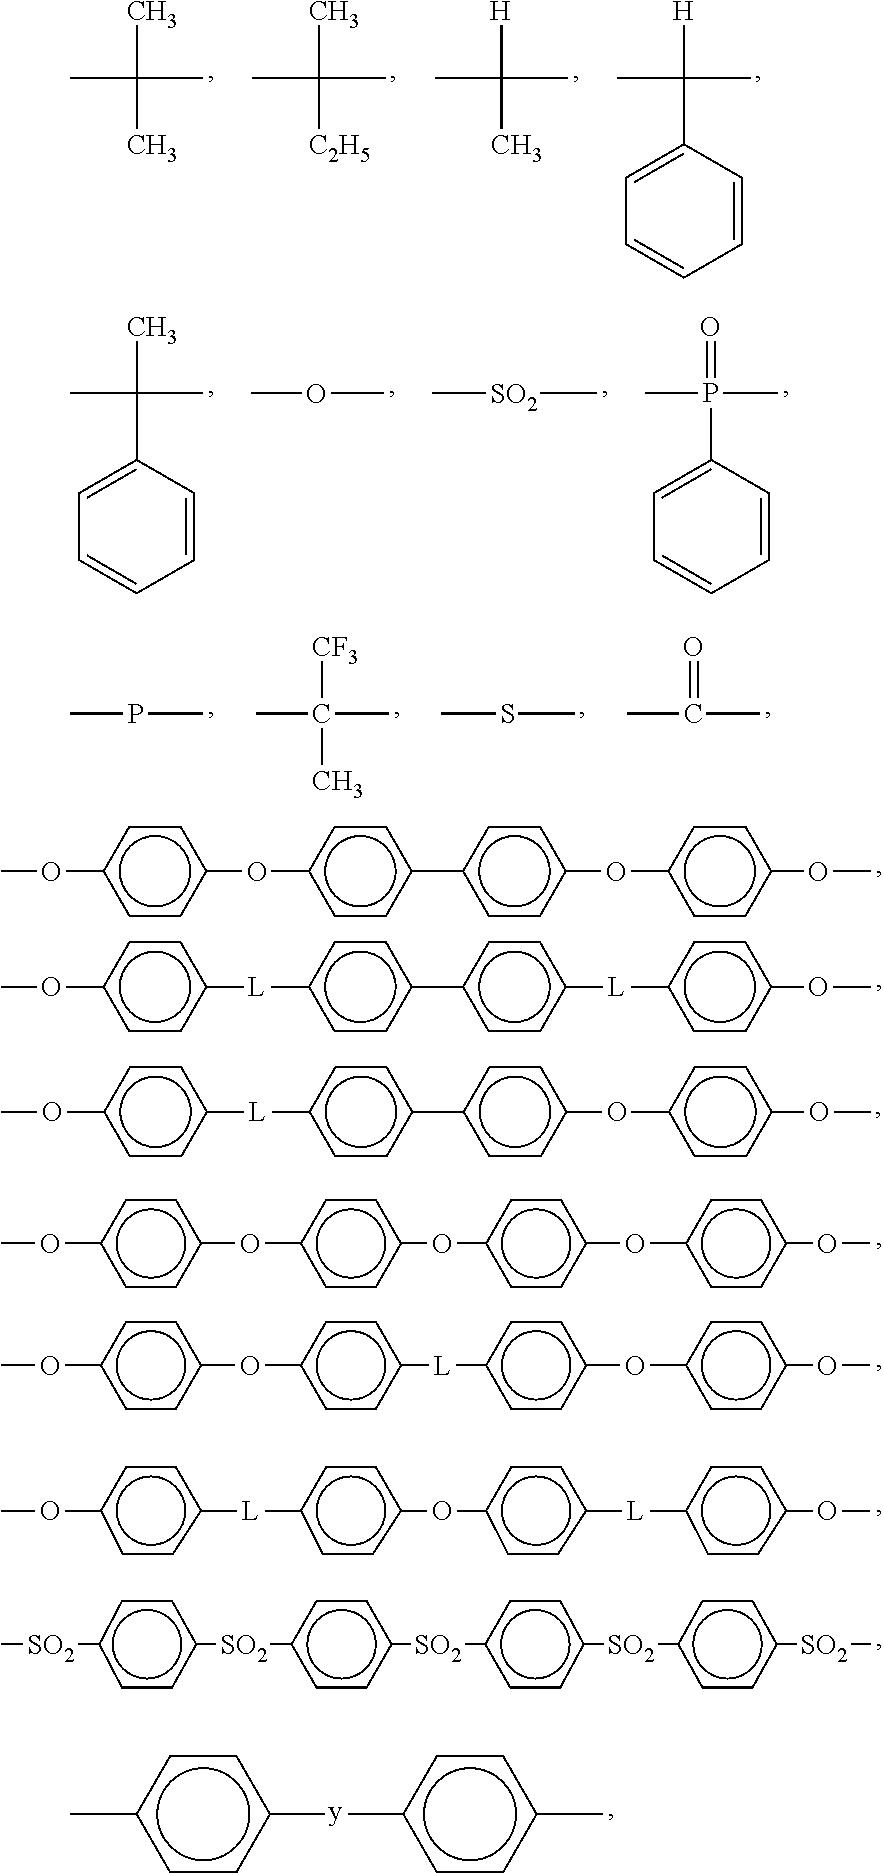 Figure US20160208053A1-20160721-C00028